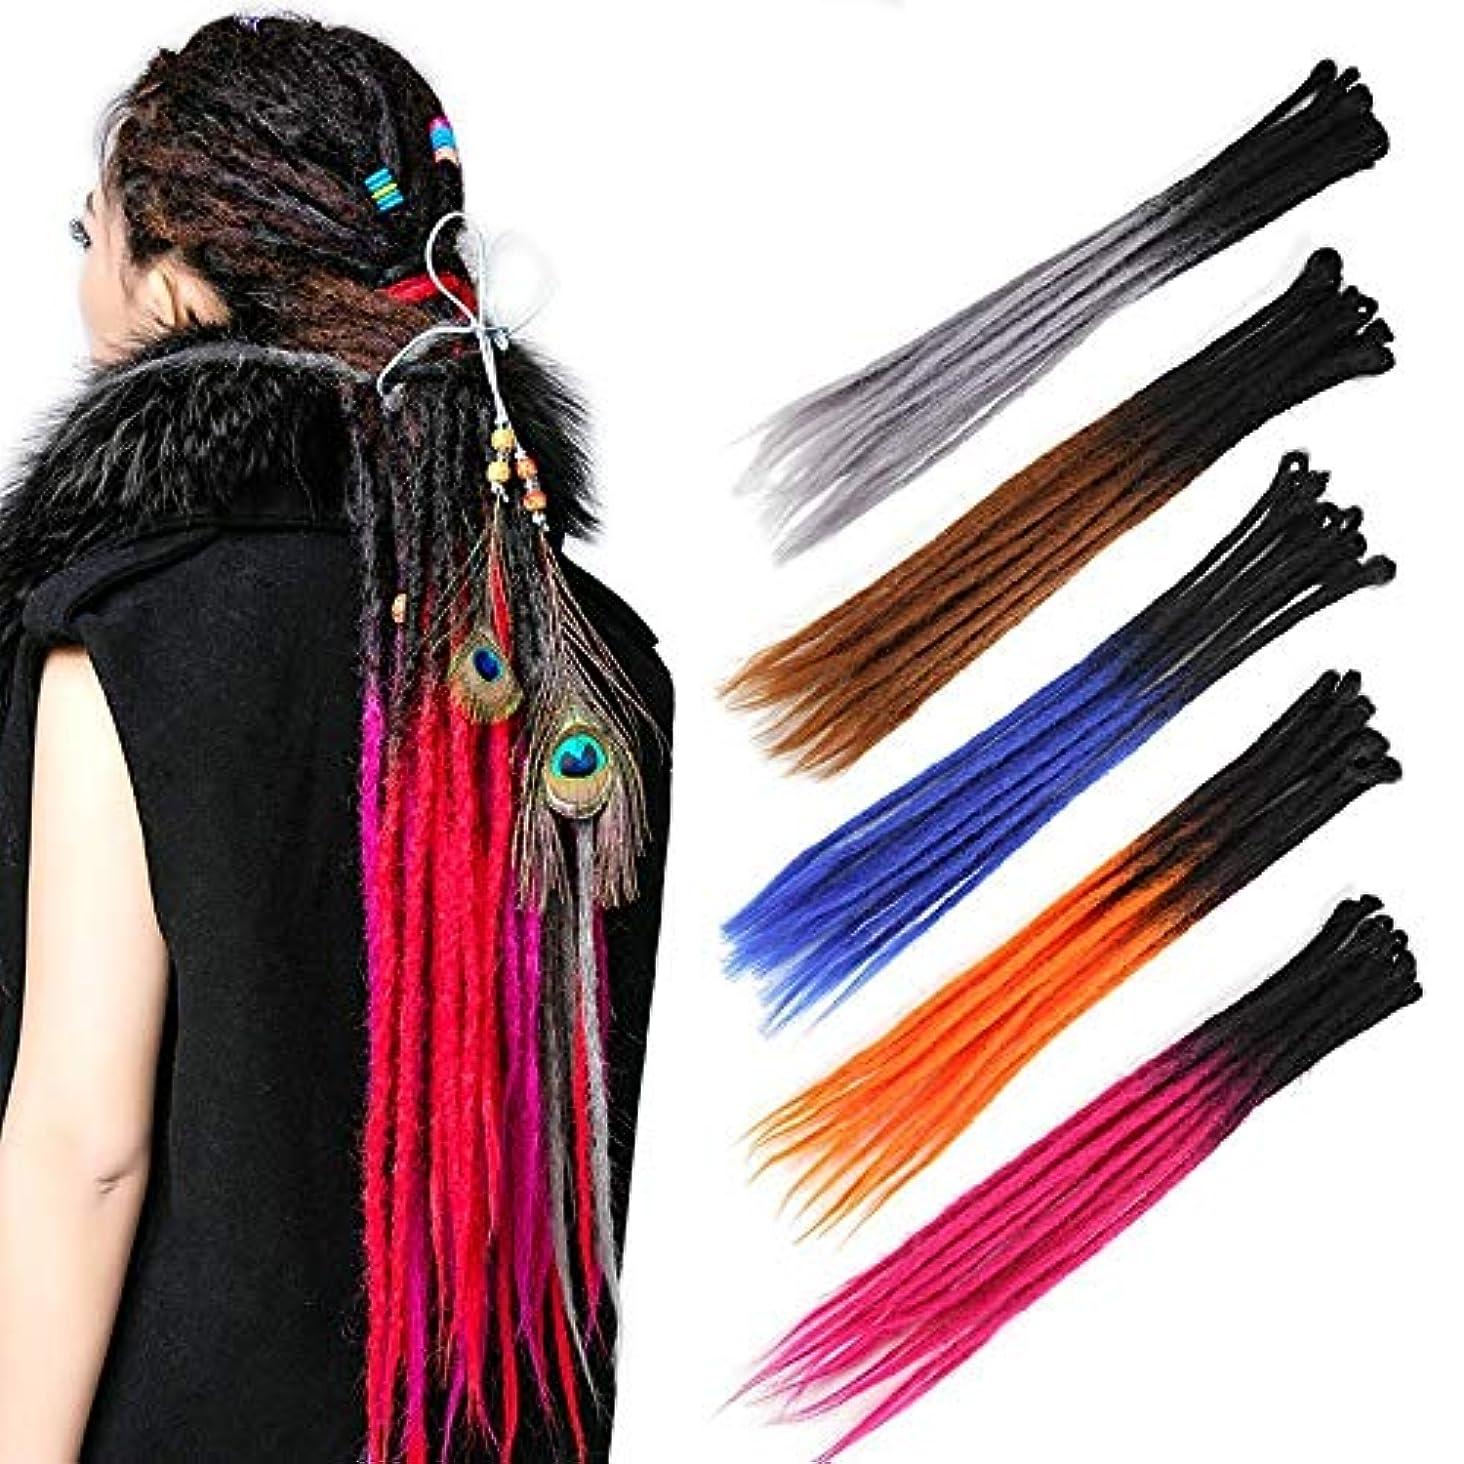 によるとやりがいのあるなぞらえるレディース ヘアアクセサリー ヒップホップダンス ヒップホップダンス髪型 ダンサー髪型 ヘアーエクステ 編みこみ 毛束 10ピース